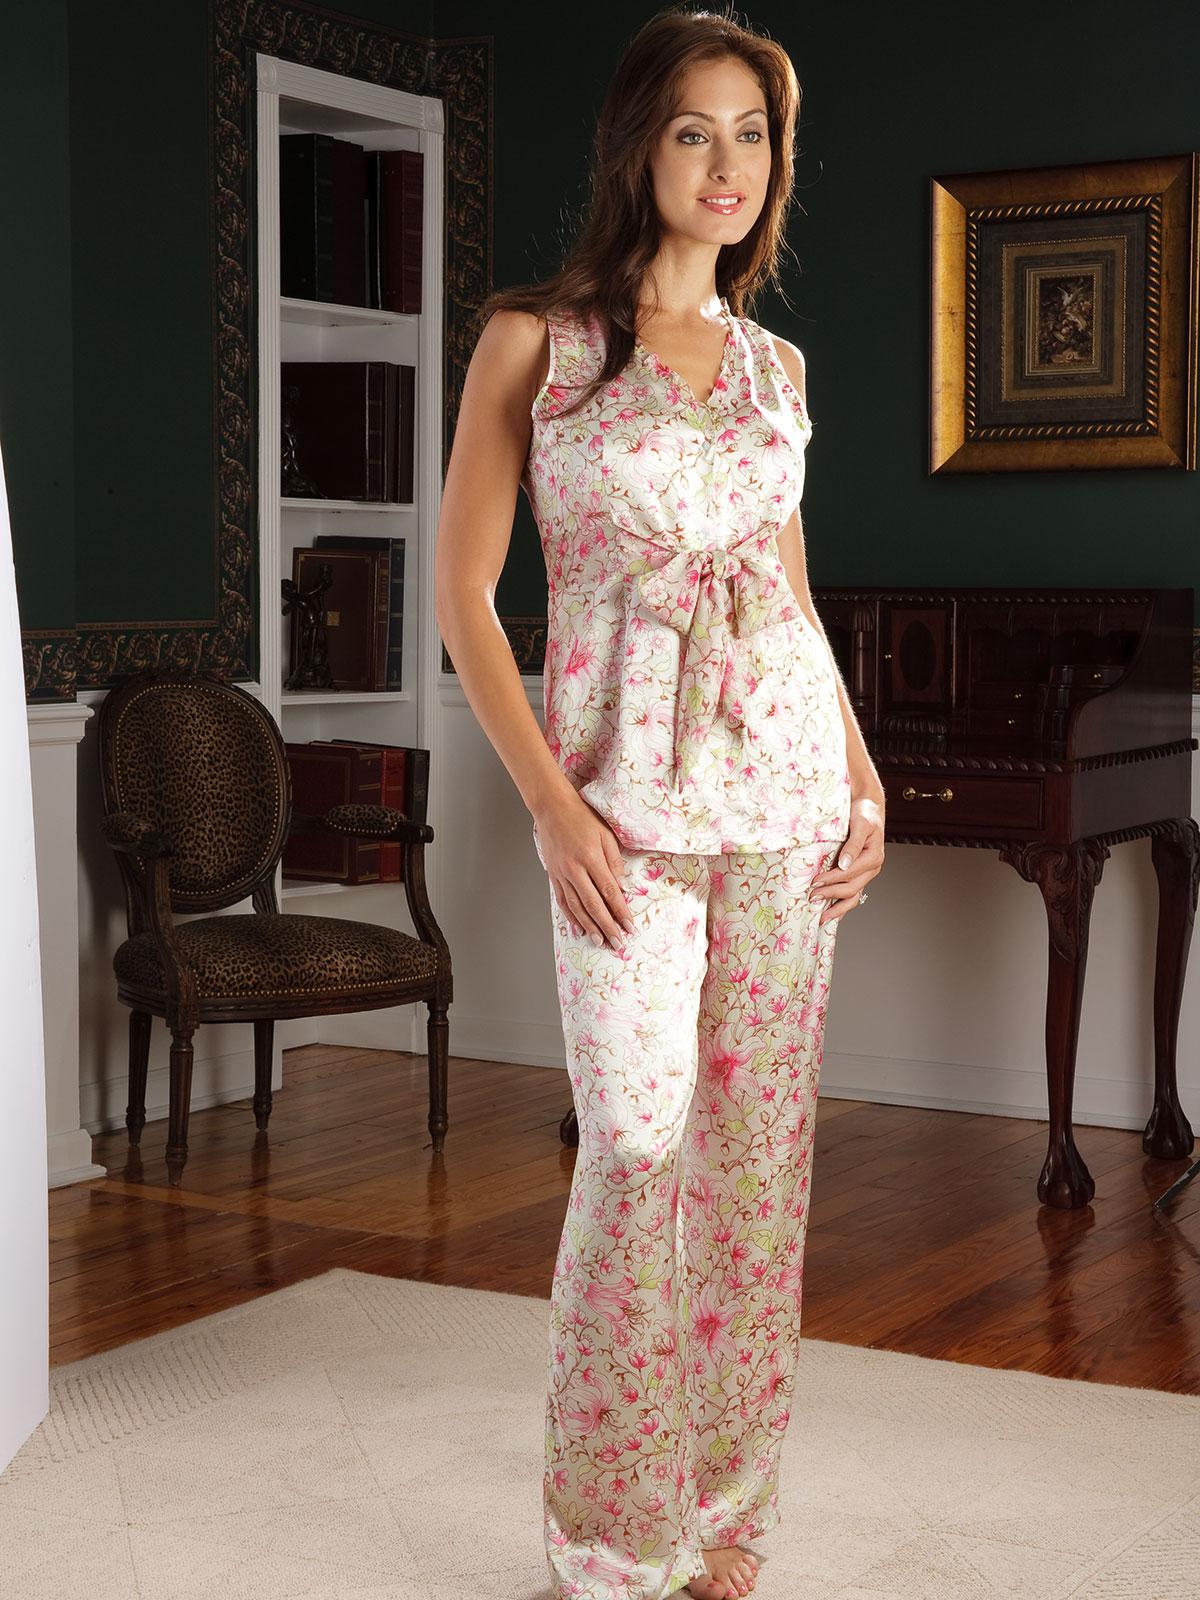 Cherry Blossom - Luxury Nightwear - Schweitzer Linen